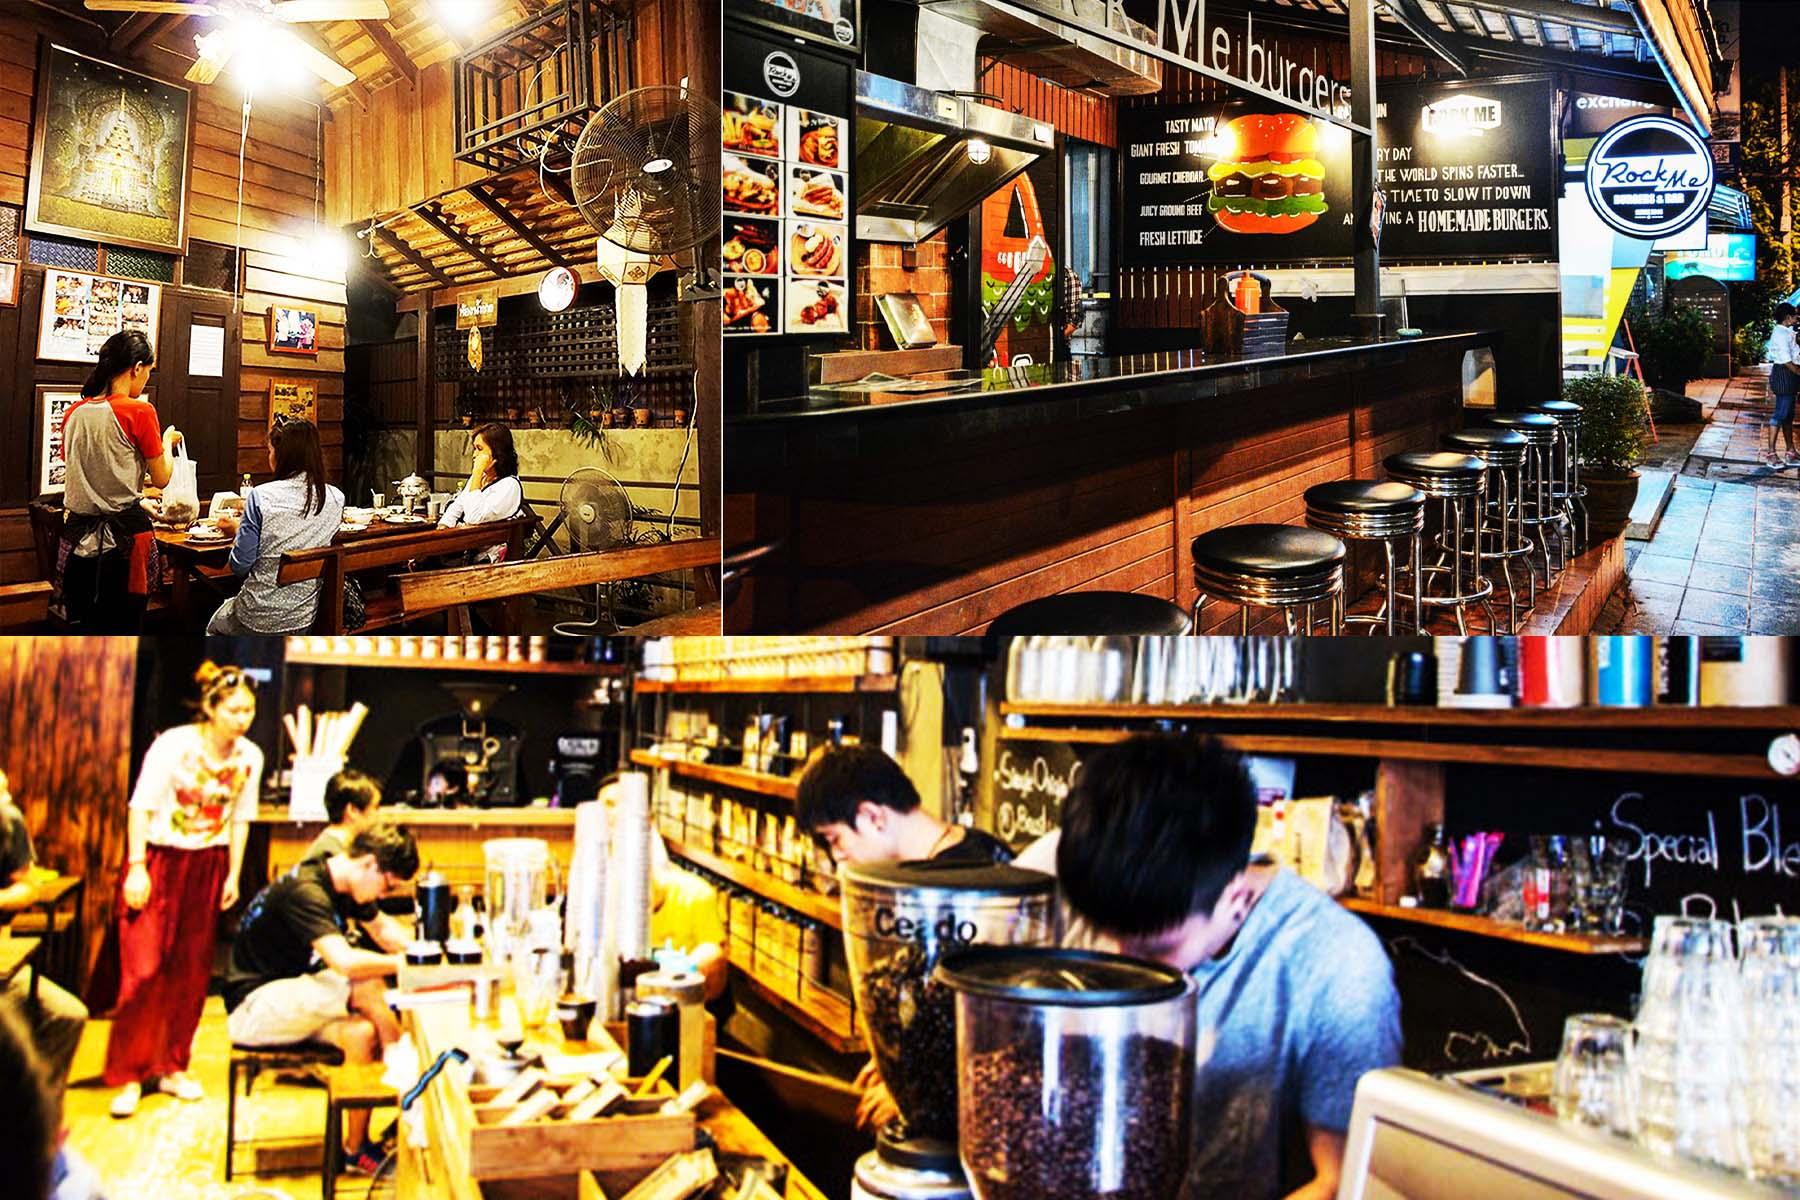 ร้านอาหารเชียงใหม่ อร่อย - savourworld.com